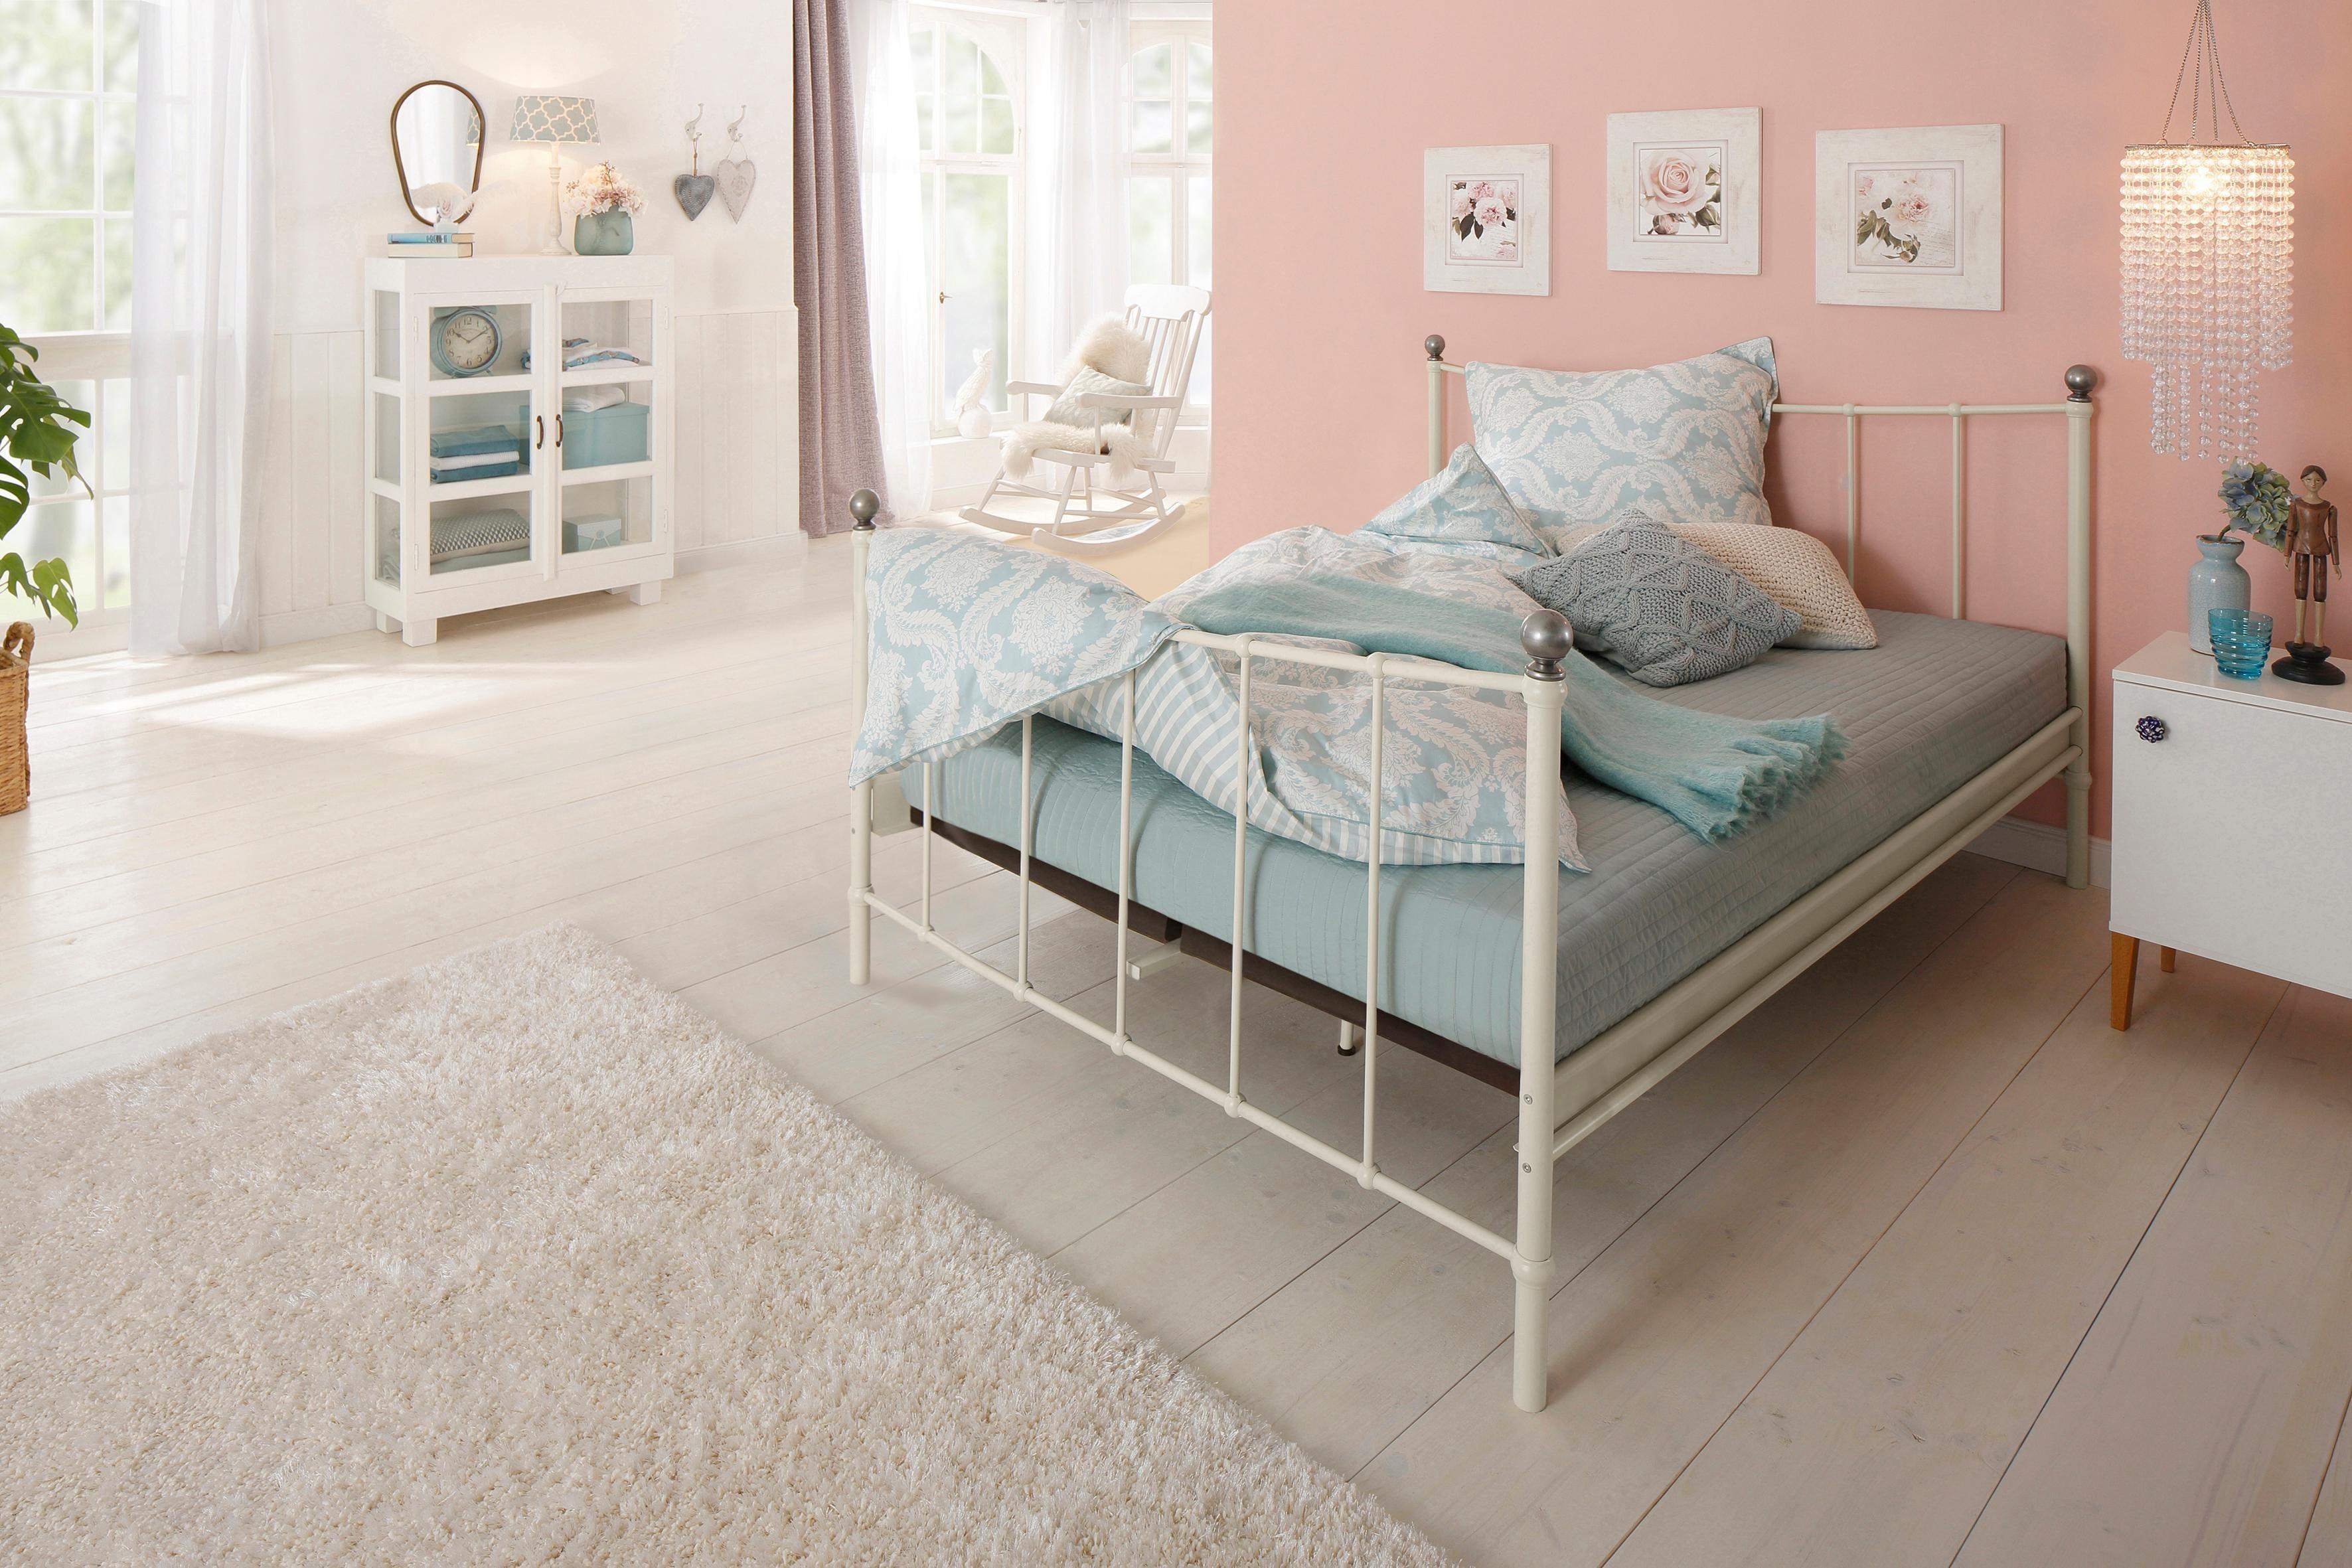 Home affaire Metallbett »Metha«, mit geschwungenen Kopf-und Fußteilen | Schlafzimmer > Betten > Metallbetten | Home affaire